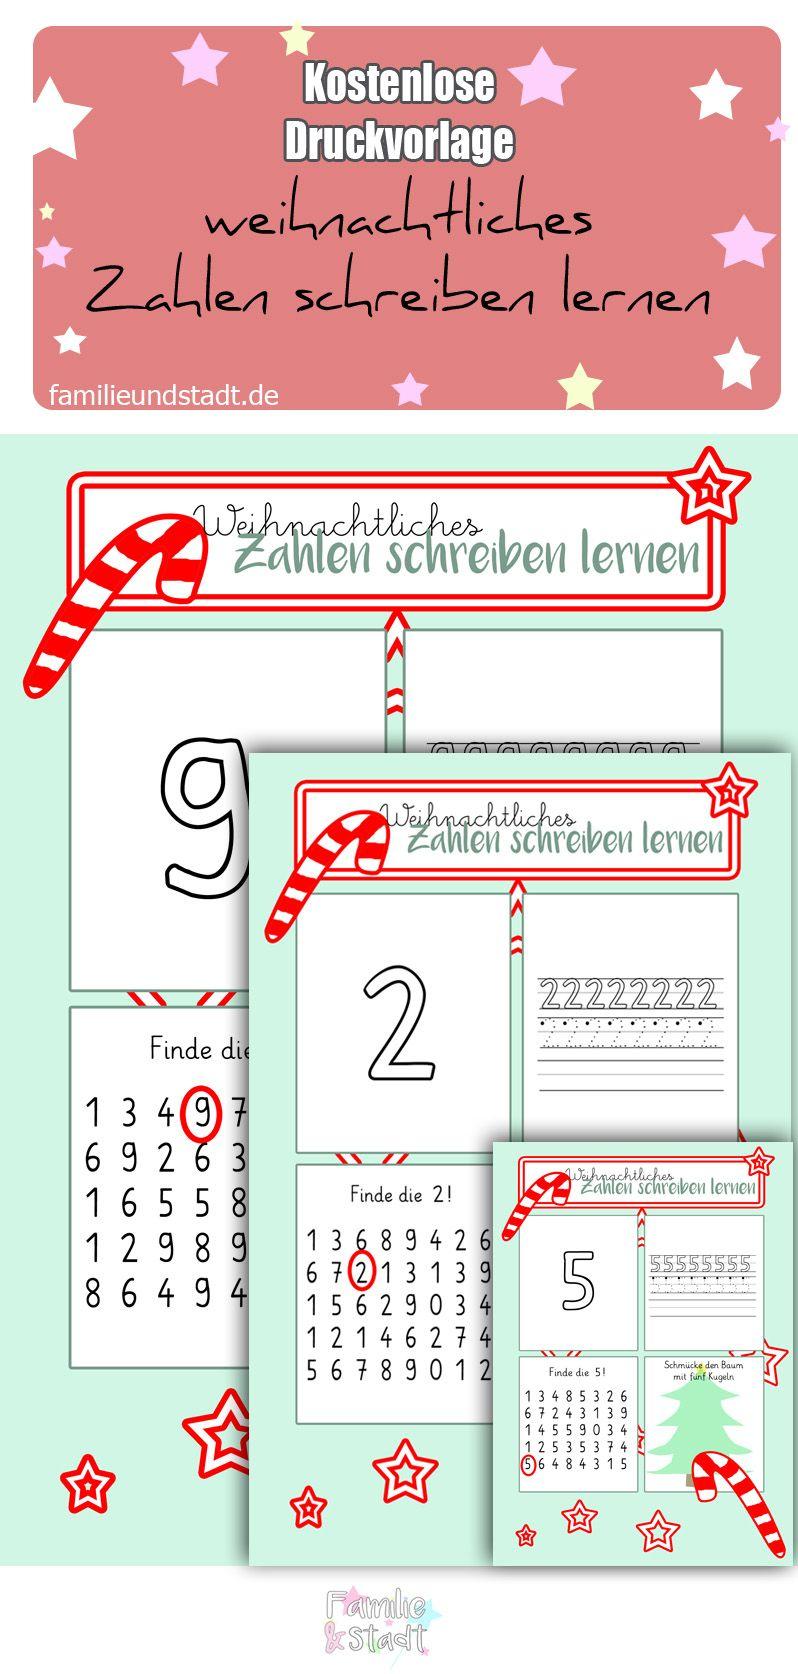 Zahlen schreiben lernen - weihnachtliche Arbeitsblätter | Parents